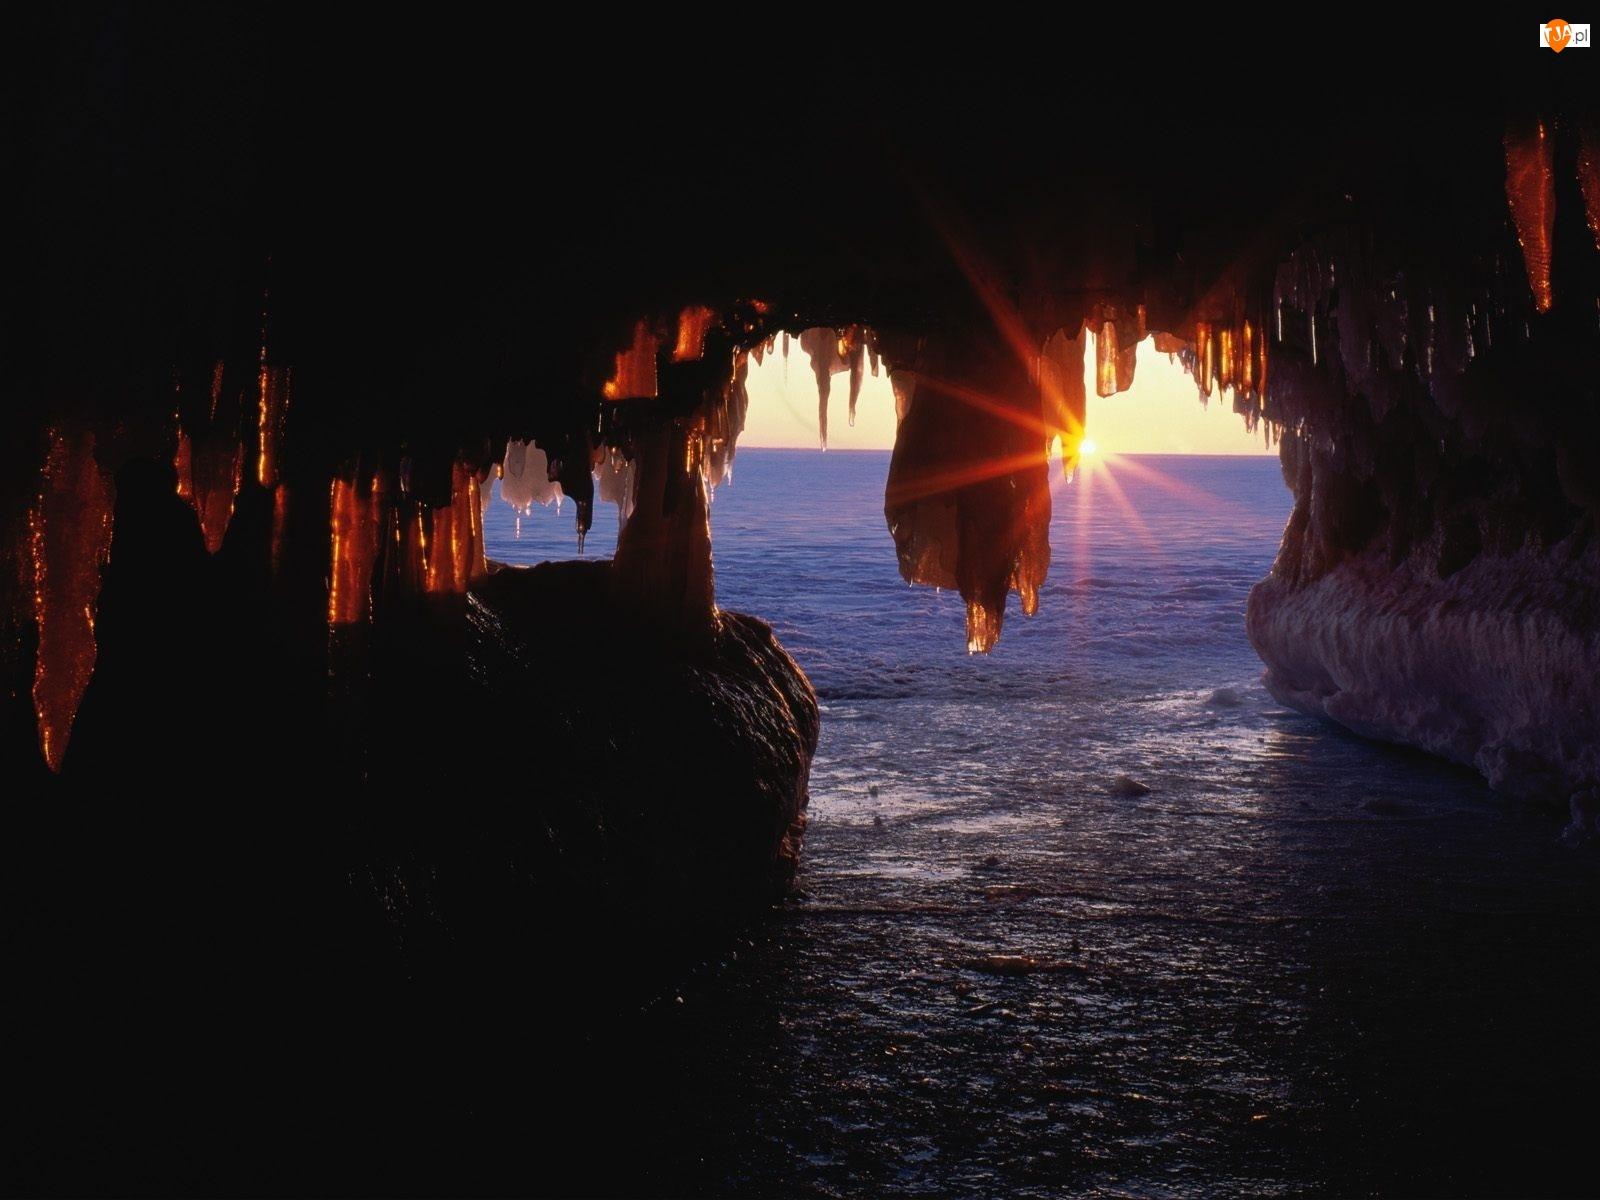 Słońca, Jaskinia, Promienie, Morze, Wschodzącego